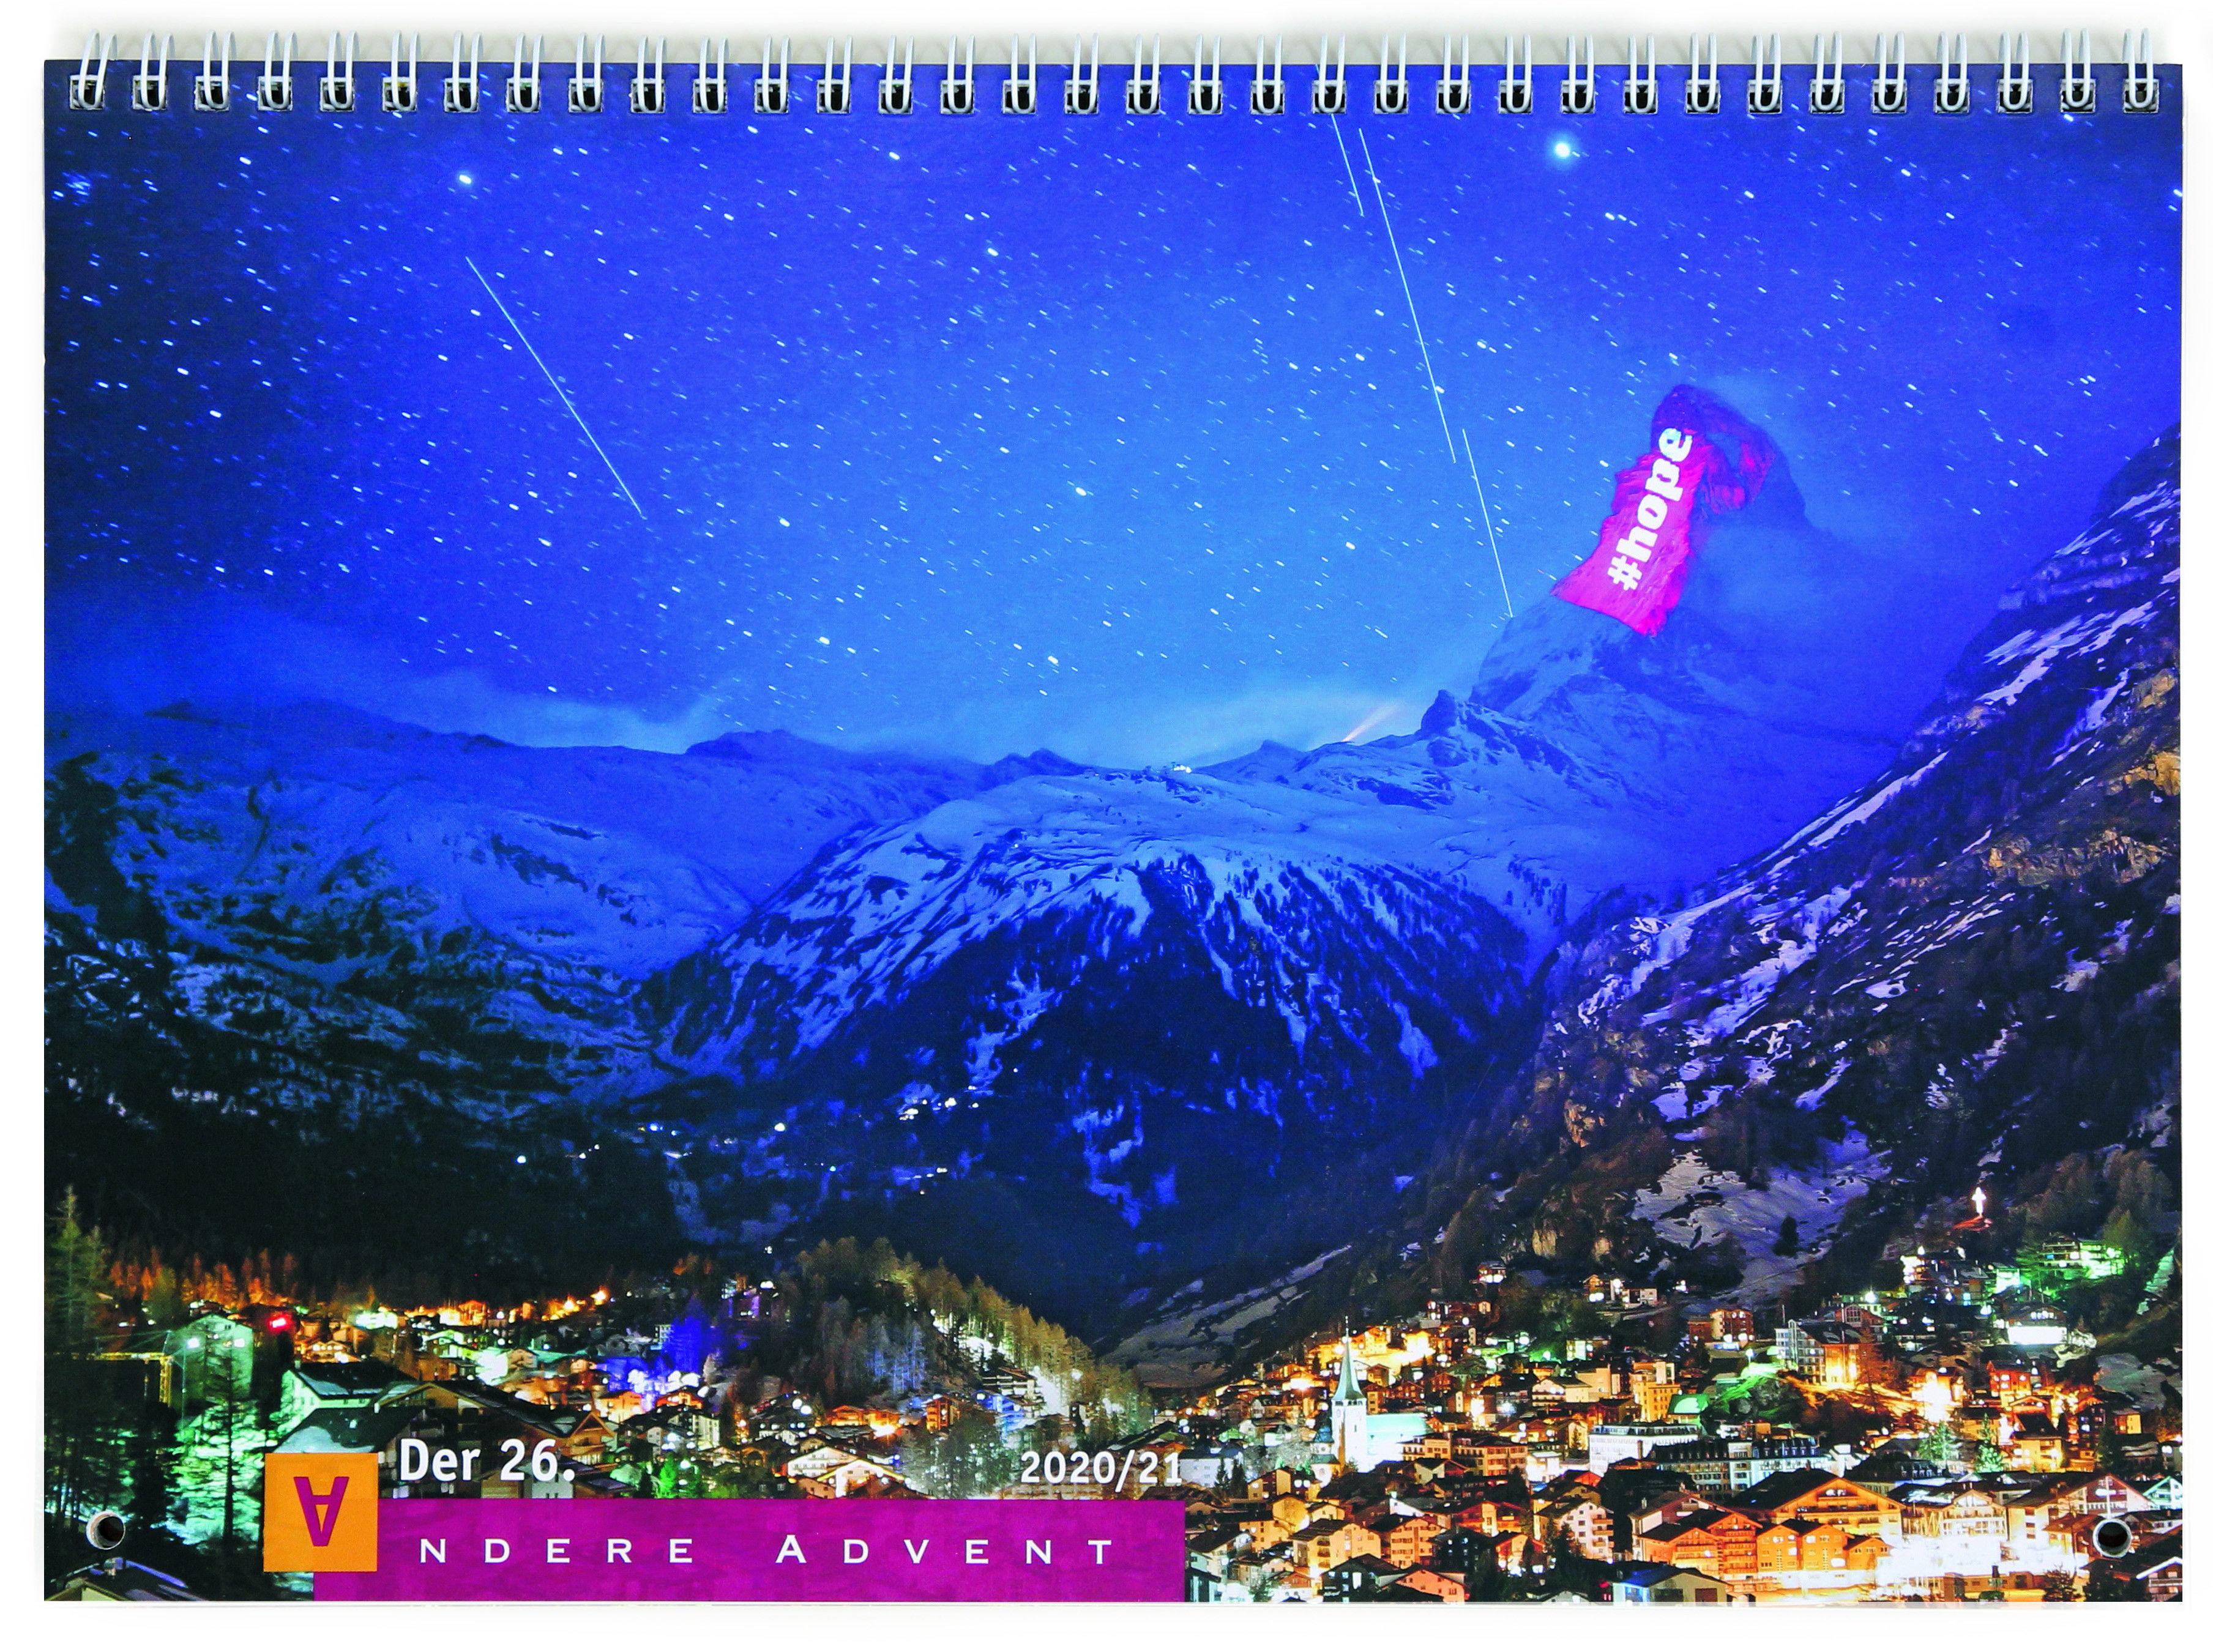 Der Titel des Anderen Advent 2020 zeigt den nächtlichen Blick auf das Matterhorn, auf dessen Spitze #hope projiziert ist.